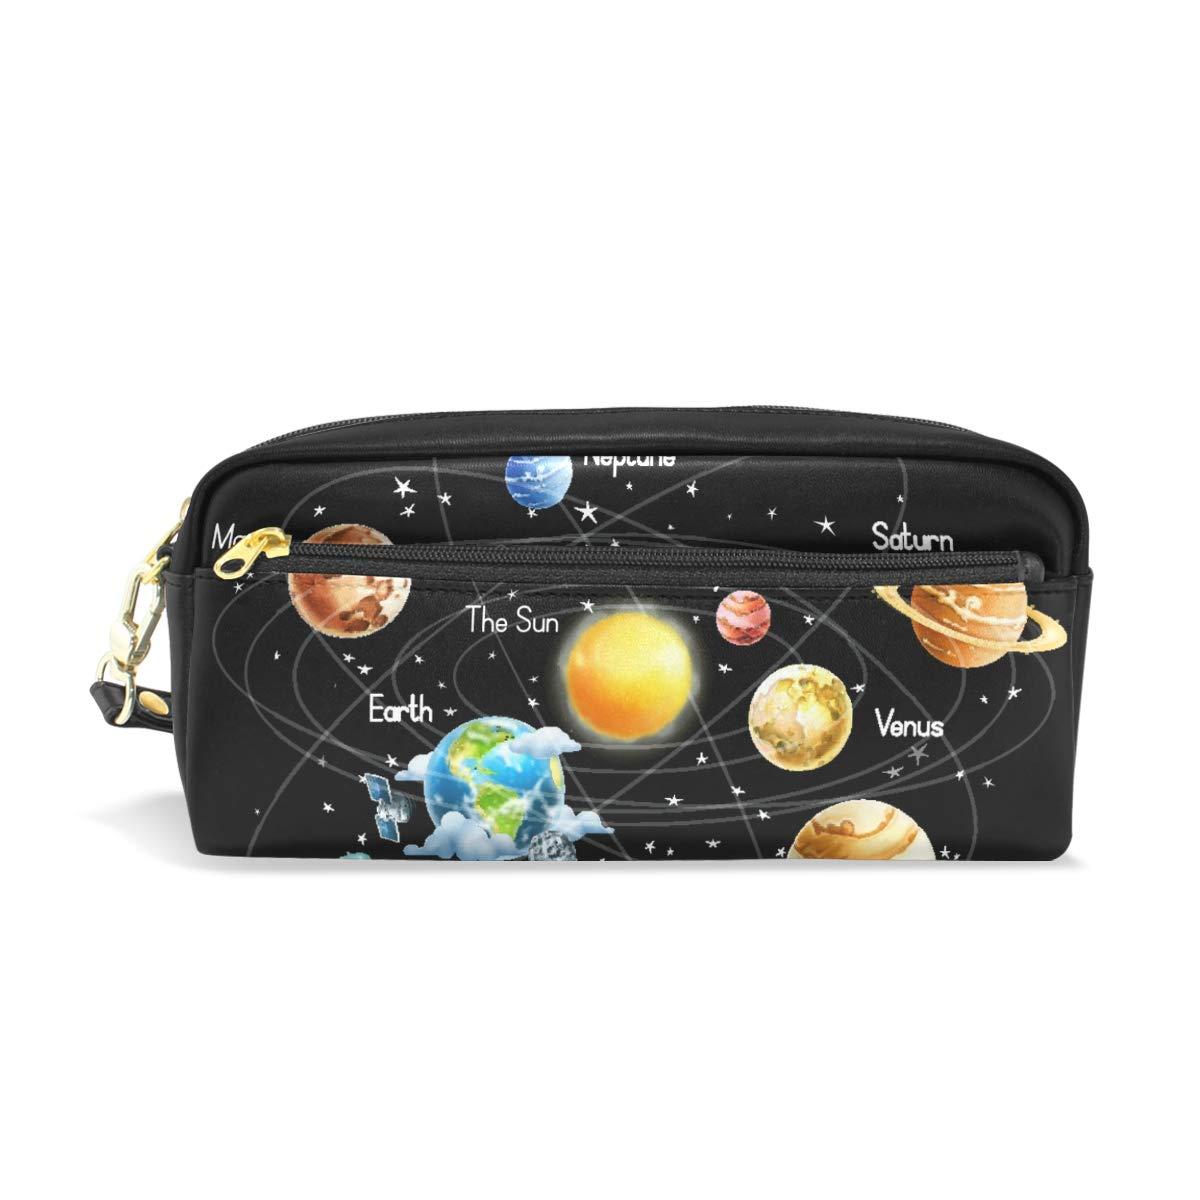 Estuche para lápices con diseño de planetas del espacio exterior con sistema solar, gran capacidad, para maquillaje, cosméticos, oficina, viajes, bolsa: Amazon.es: Oficina y papelería